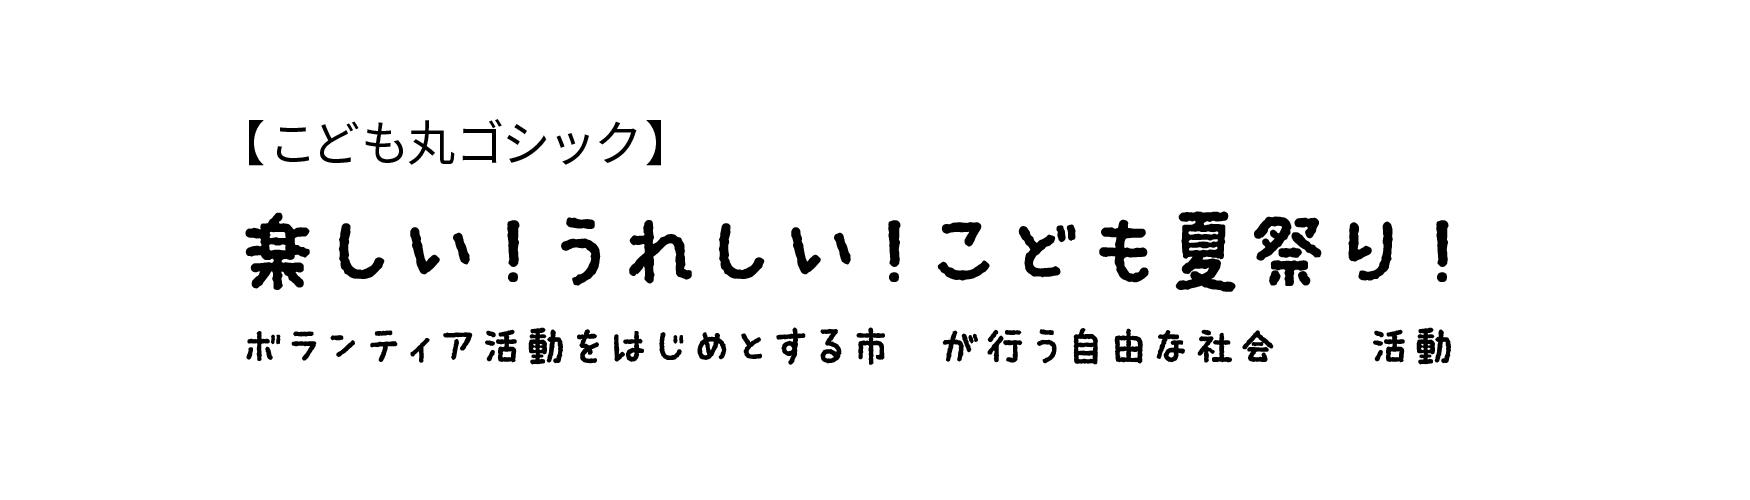 170508image630x360_sumple_kodomomarugo